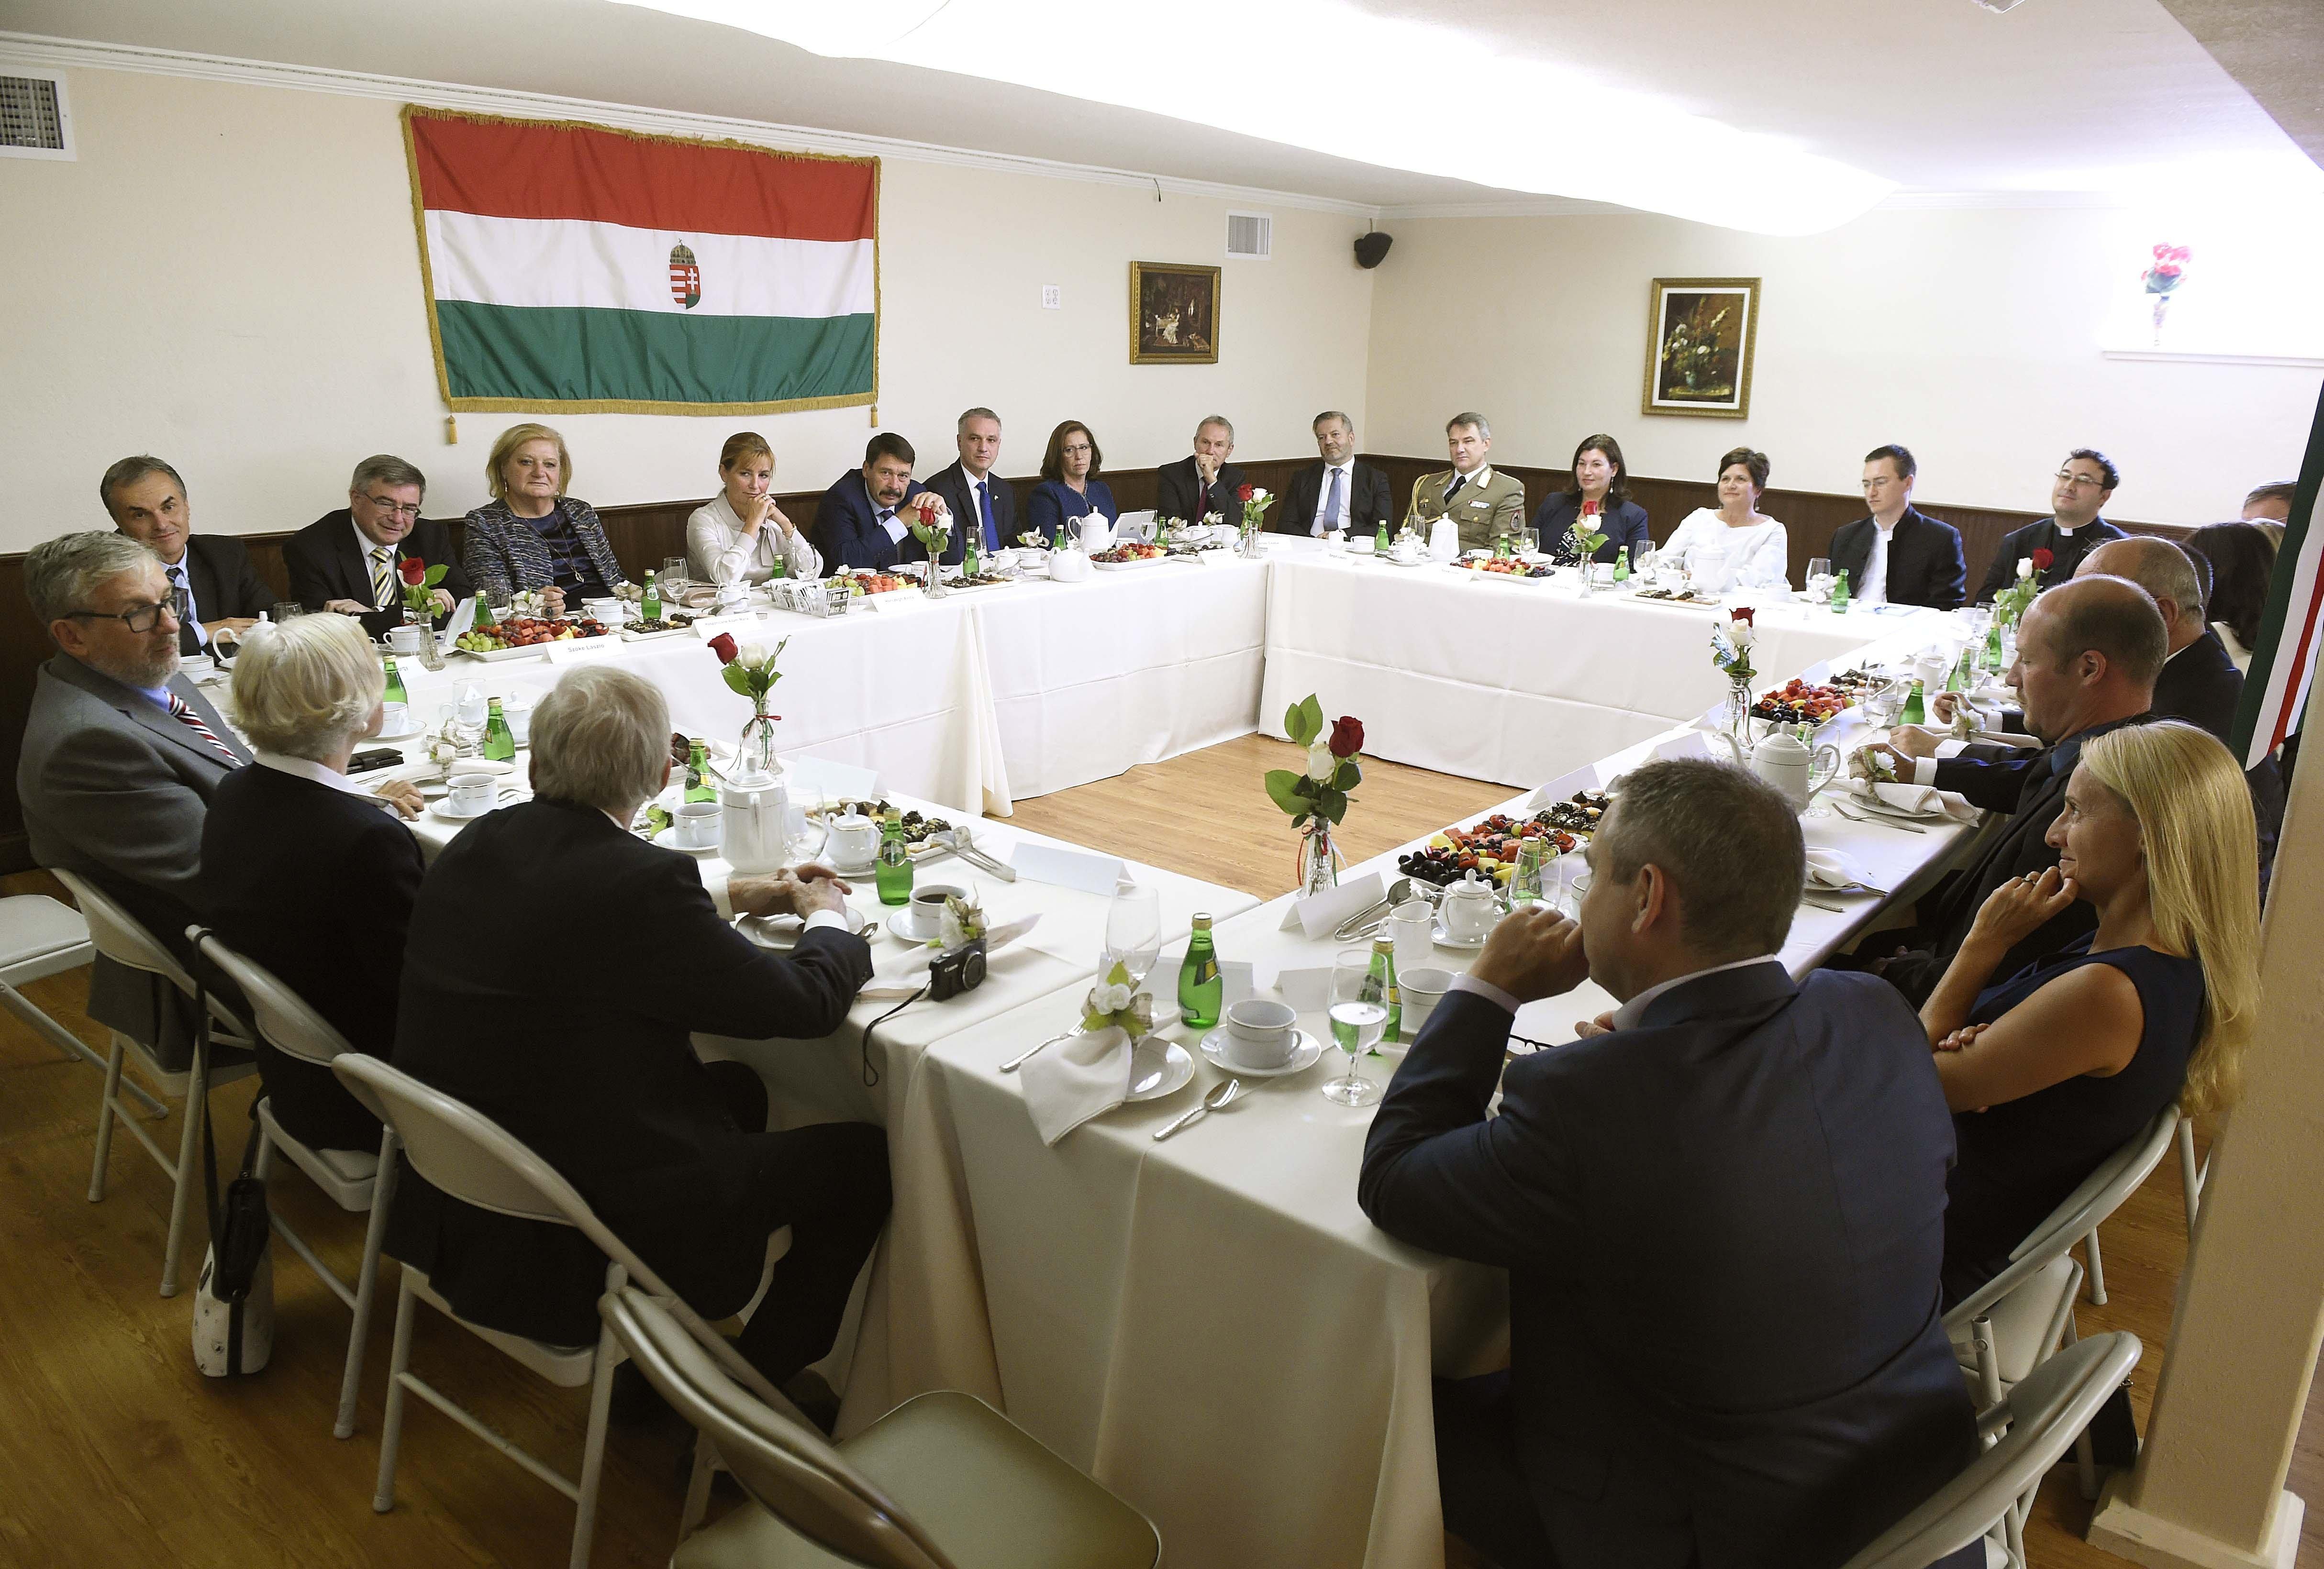 Ungarischer Präsident fordert Kooperation zwischen ungarischen Wissenschaftlern in den USA post's picture